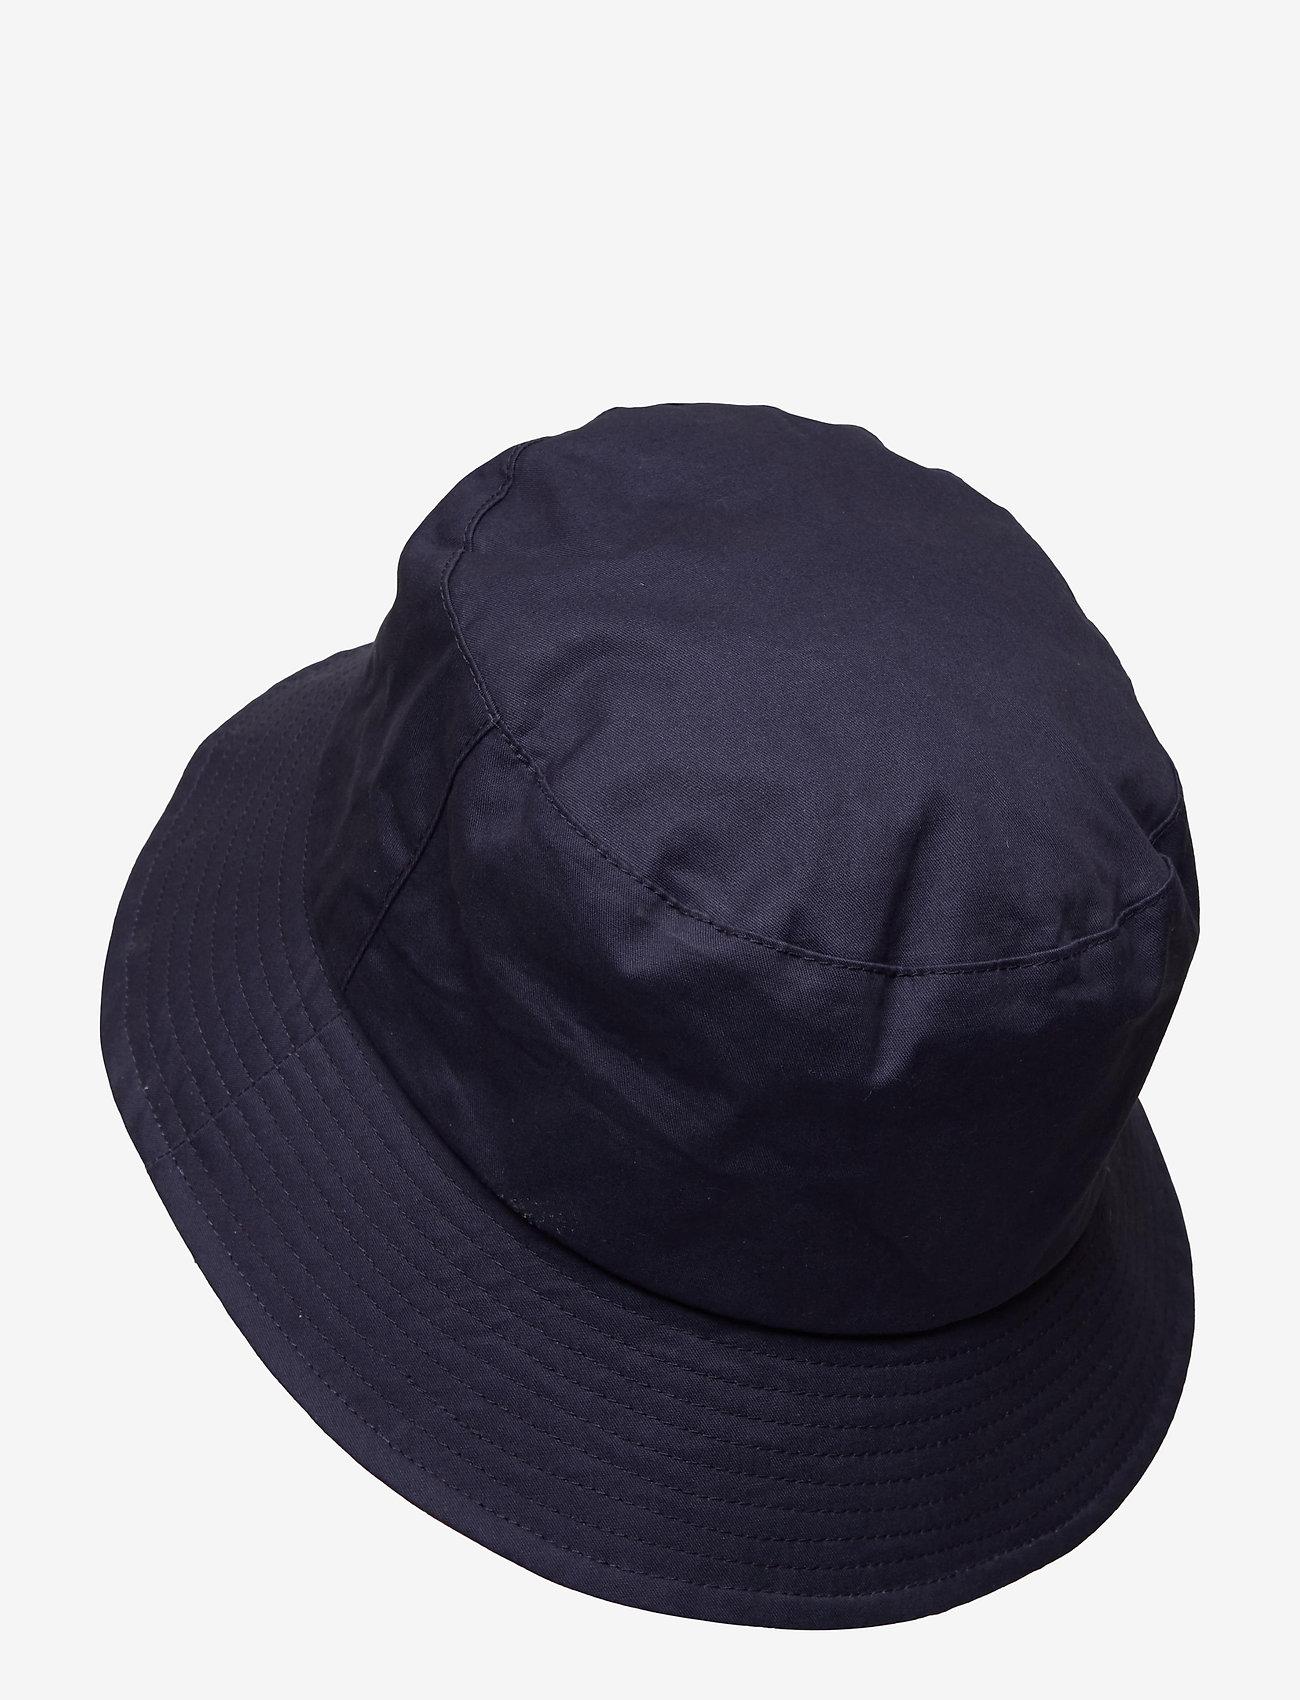 Kangol - KG COTTON BUCKET - bucket hats - navy - 1